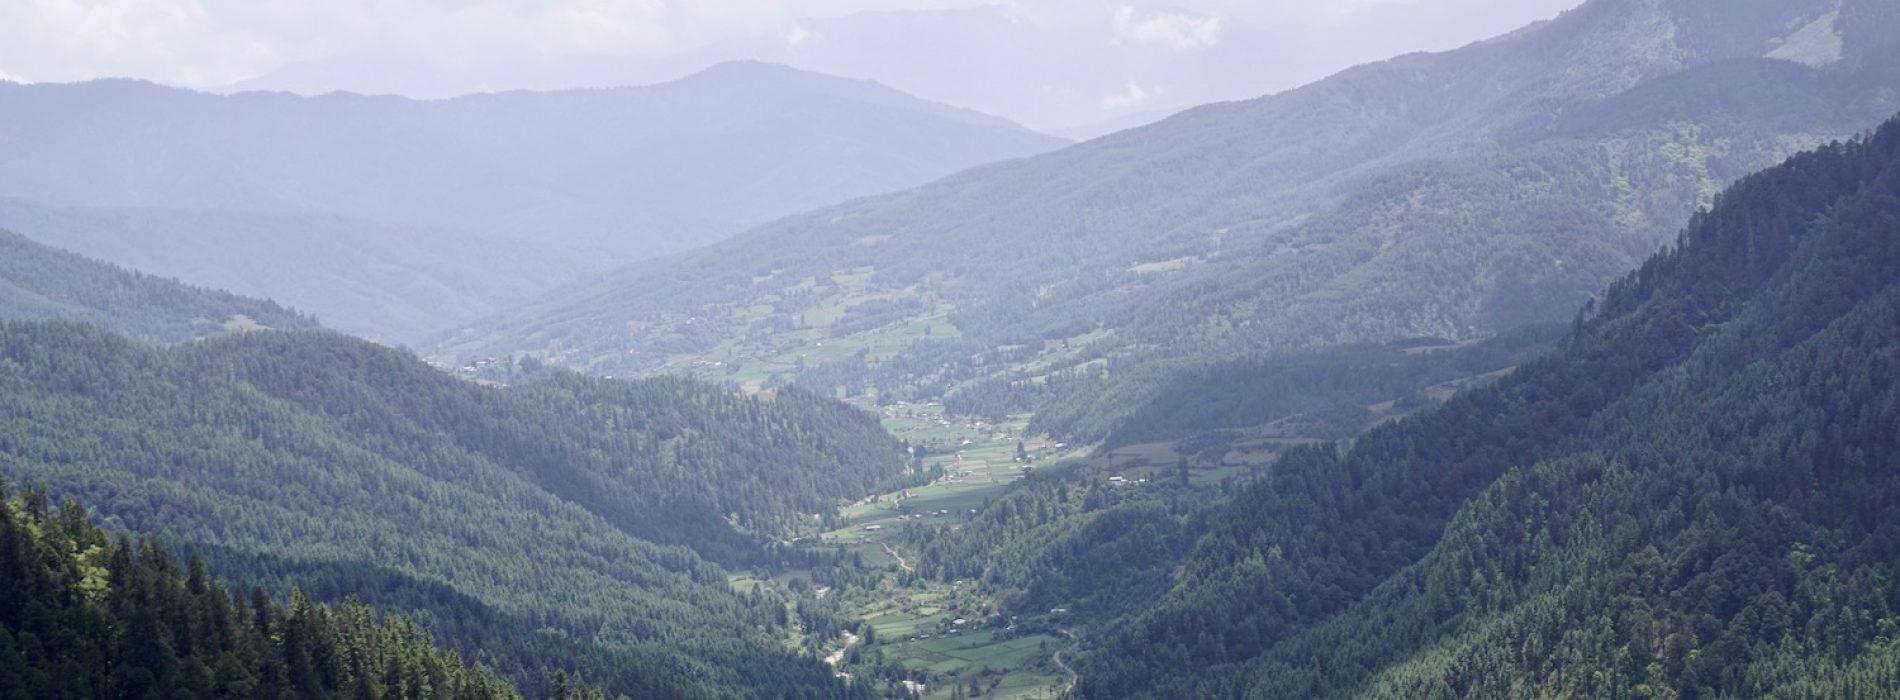 Bhutan Bumthang Tang Valley Thowadrak Monastery